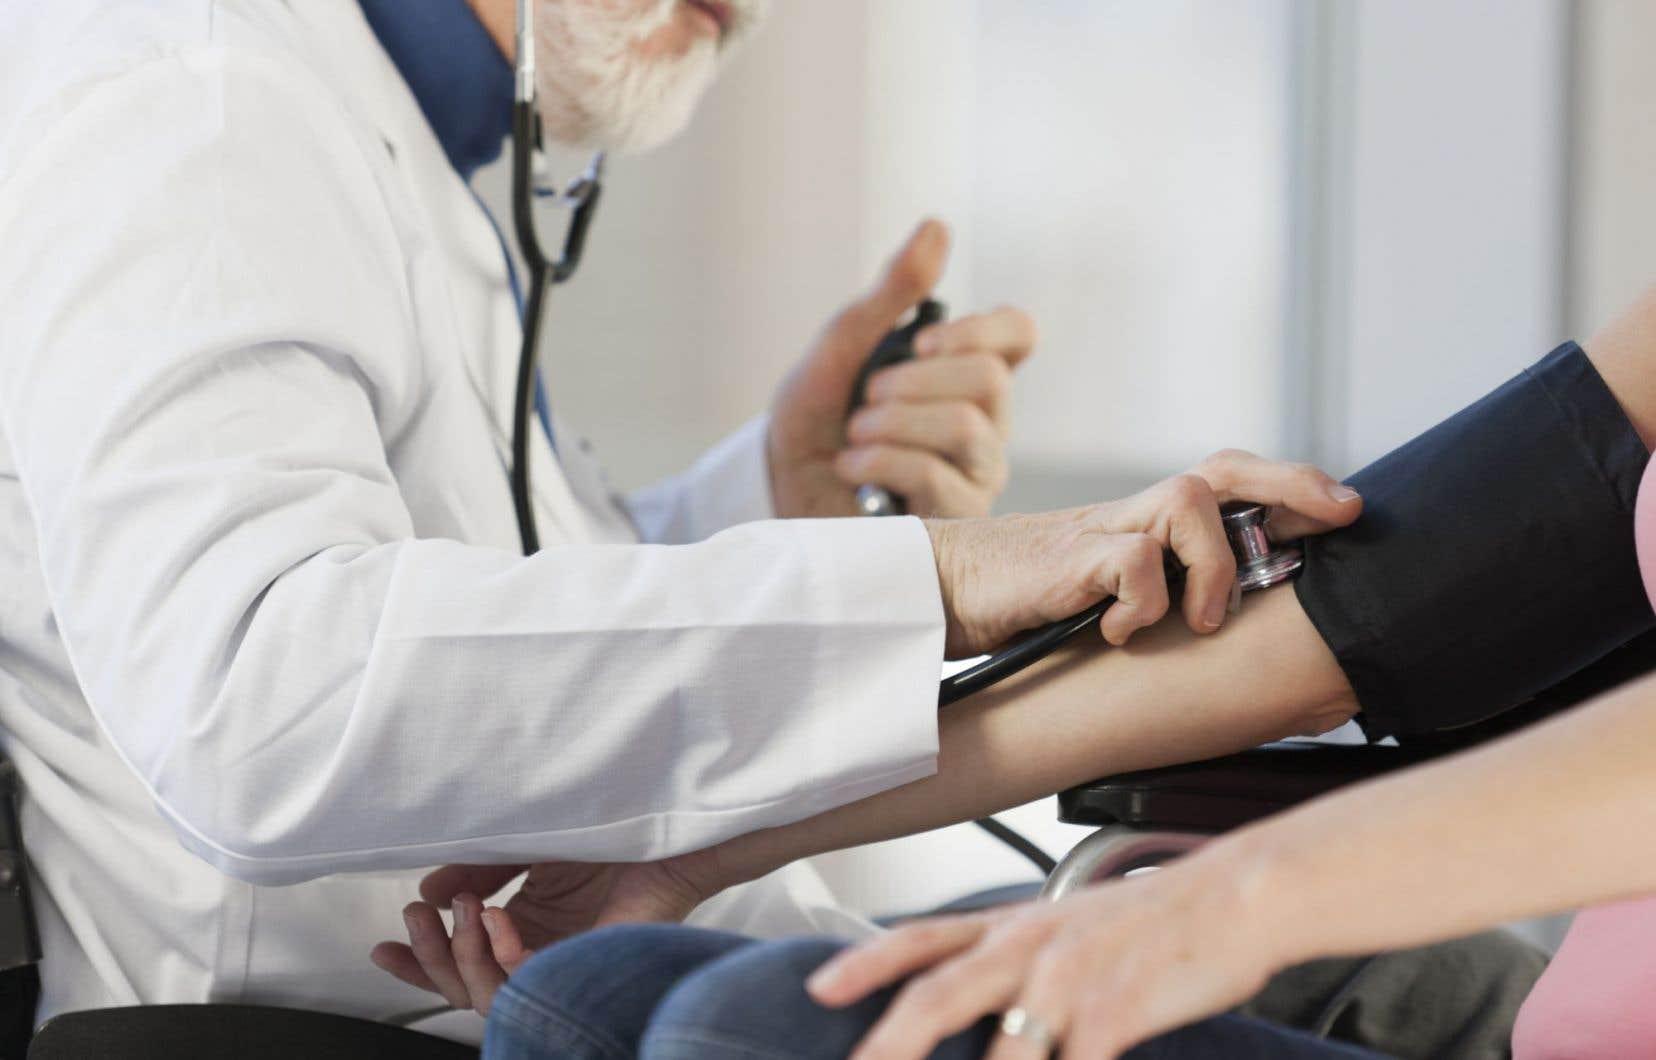 Le temps du médecin de famille pratiquant en solo dans son cabinet, ou traitant ses patients du « berceau au tombeau », à l'hôpital comme en clinique, est révolu.